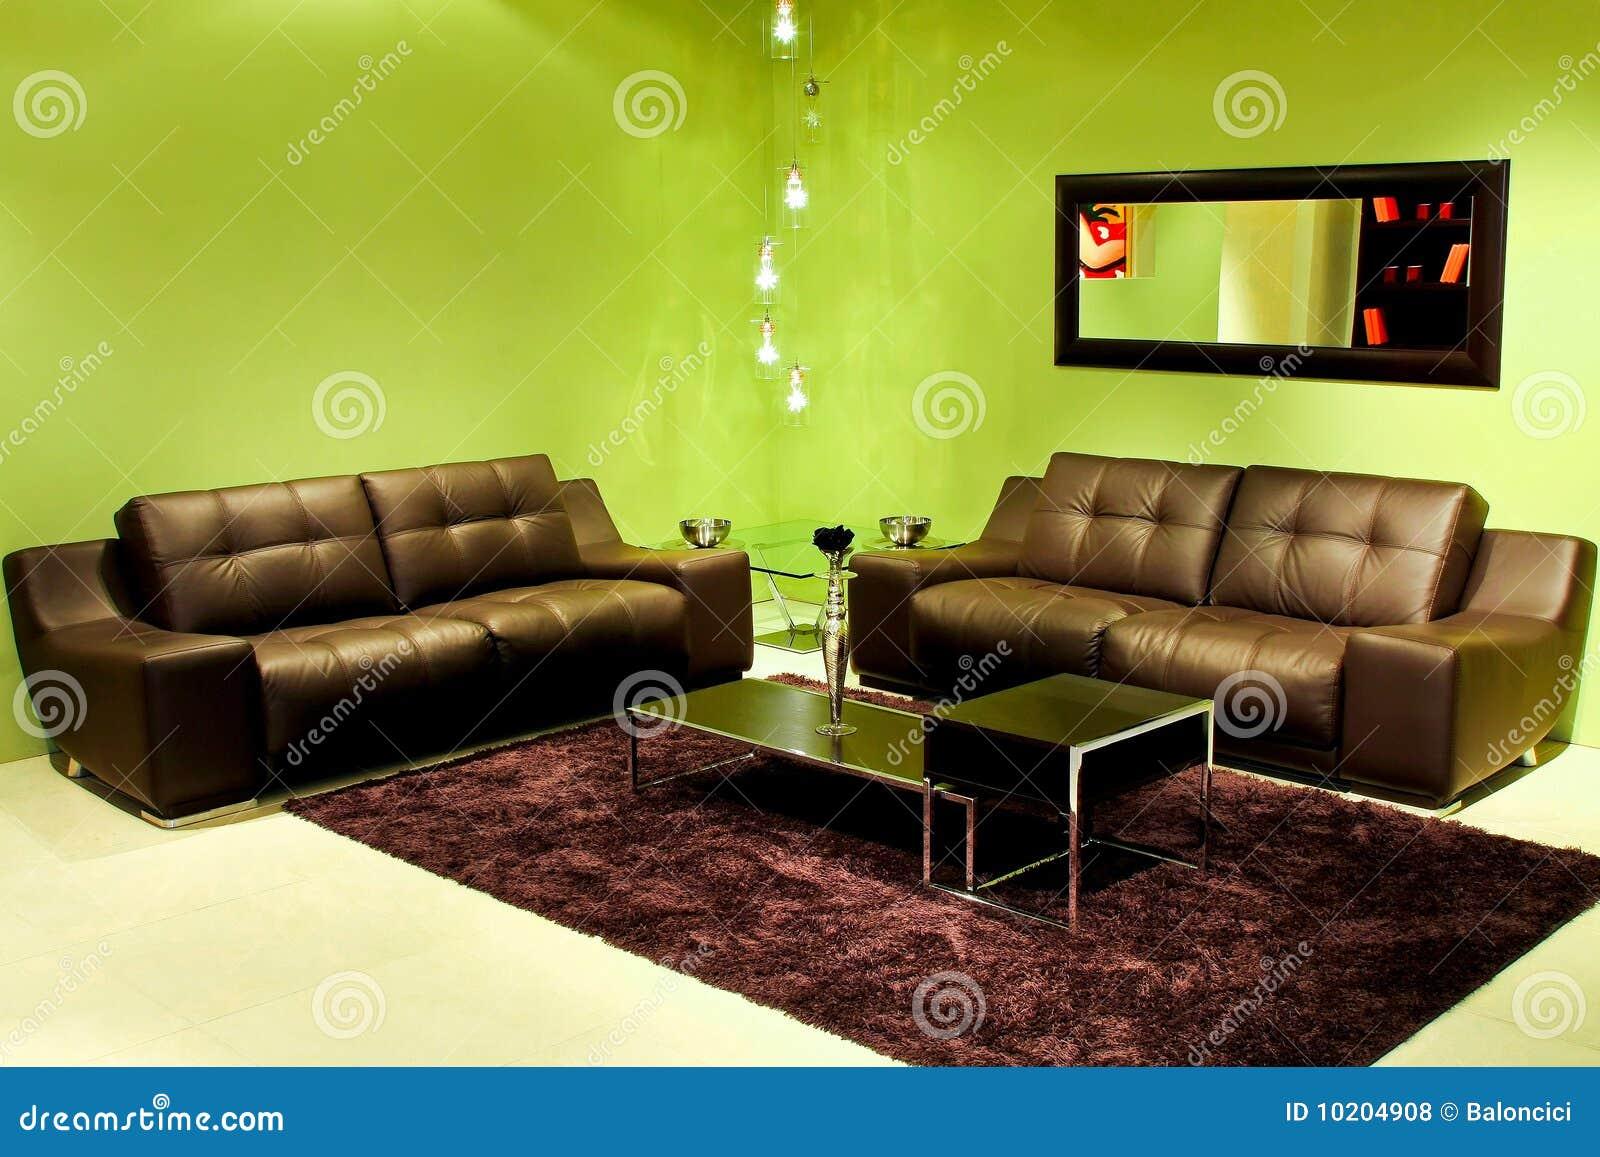 Sala De Estar Verde ~ Fotos de archivo libres de regalías Sala de estar verde